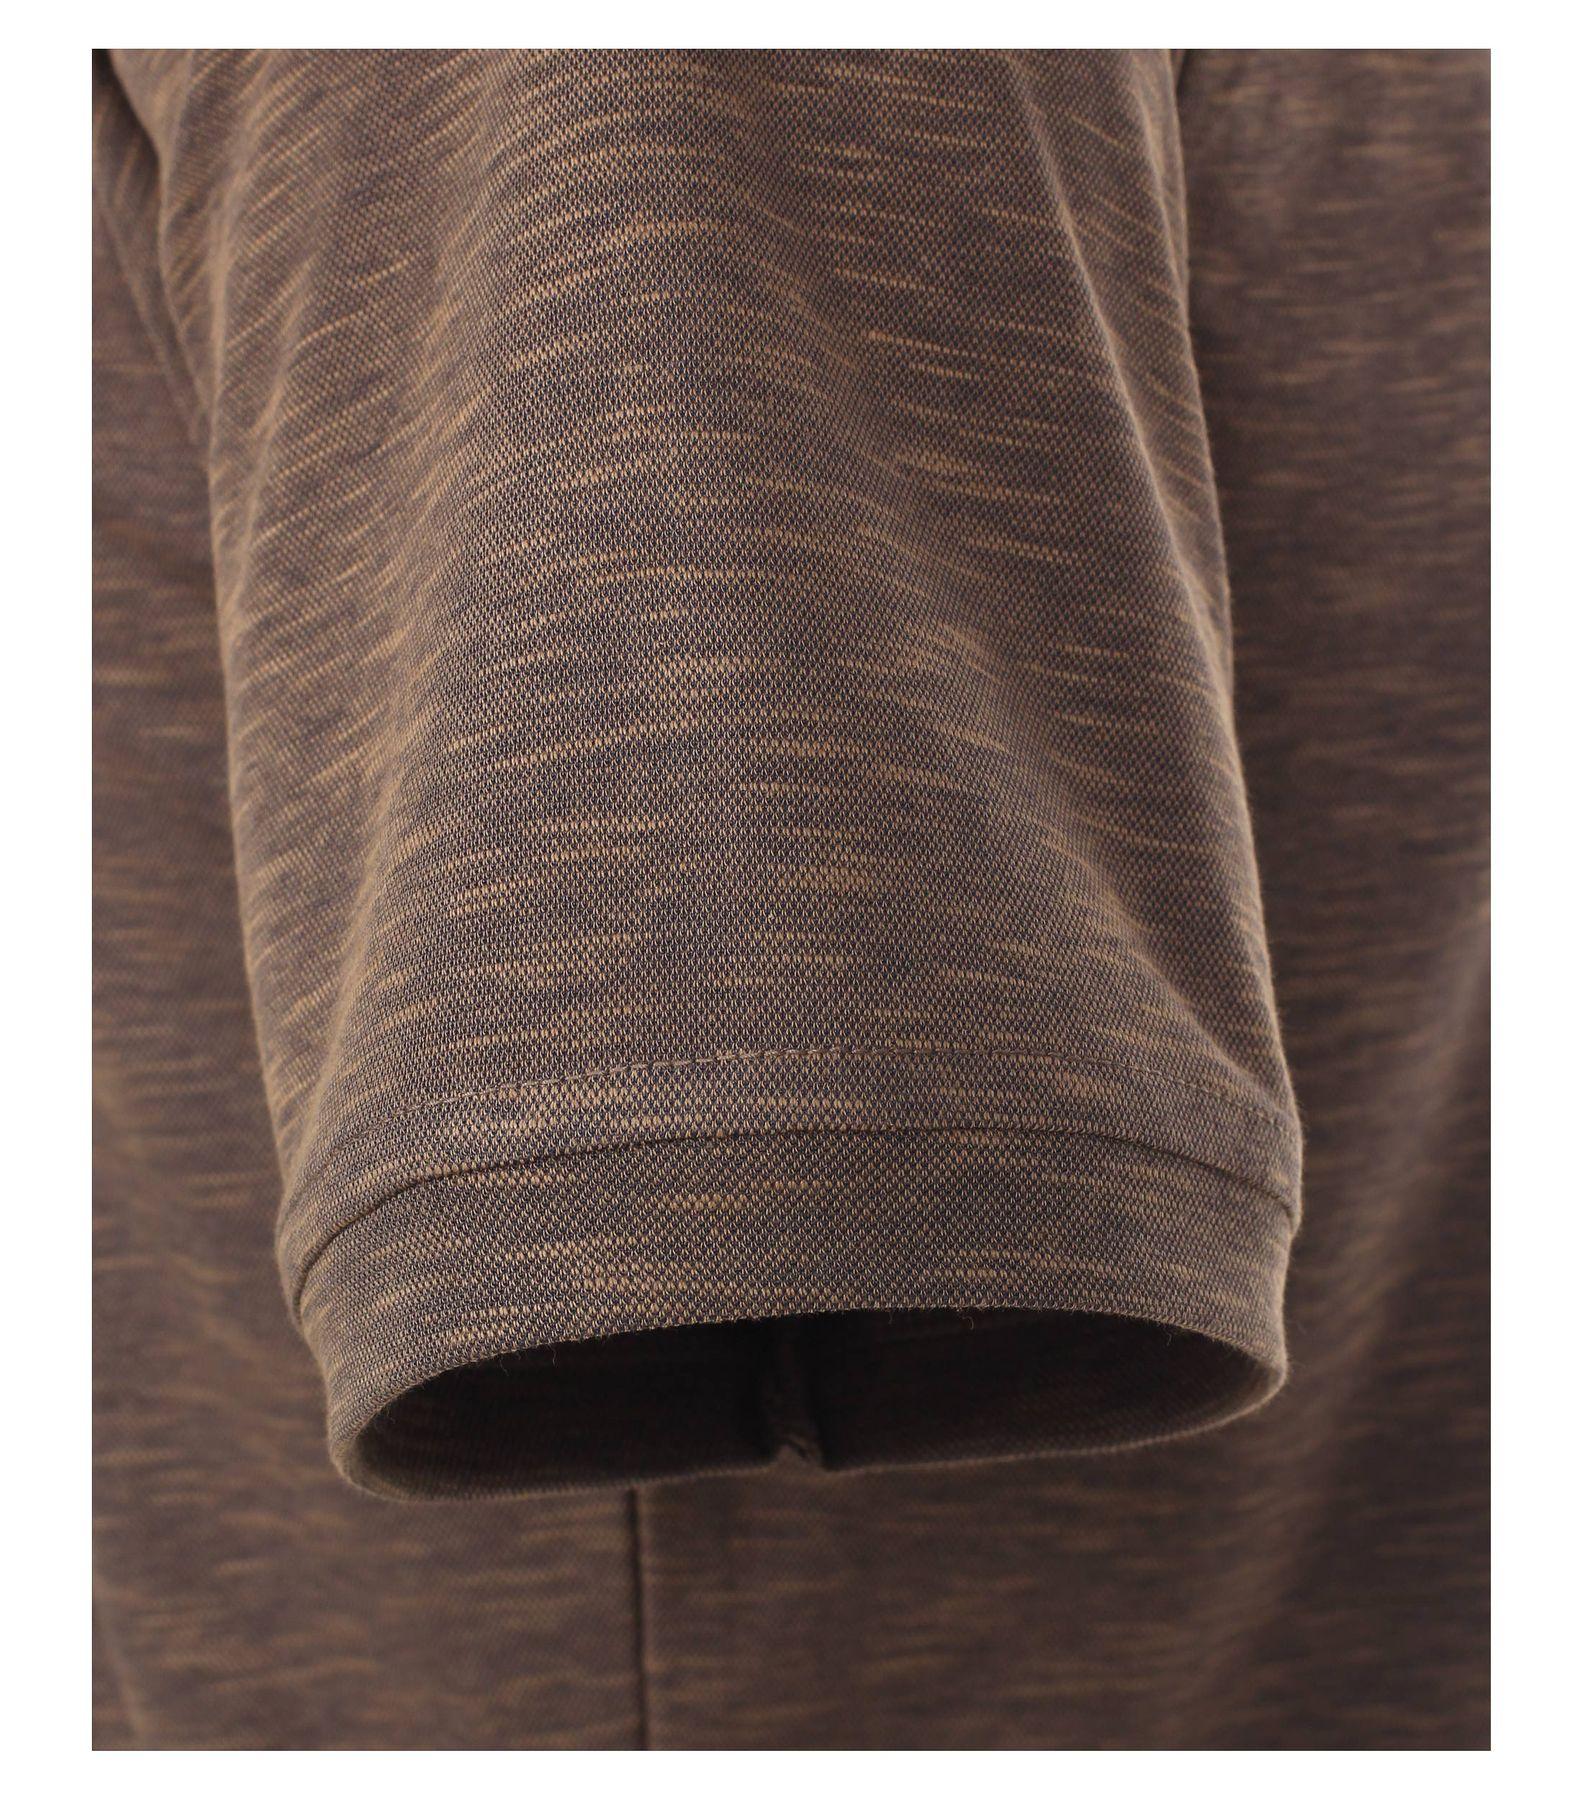 Casa Moda - Herren Polo Shirt in Melange Optik und Brusttasche in verschiedenen Farben (972630300) – Bild 14